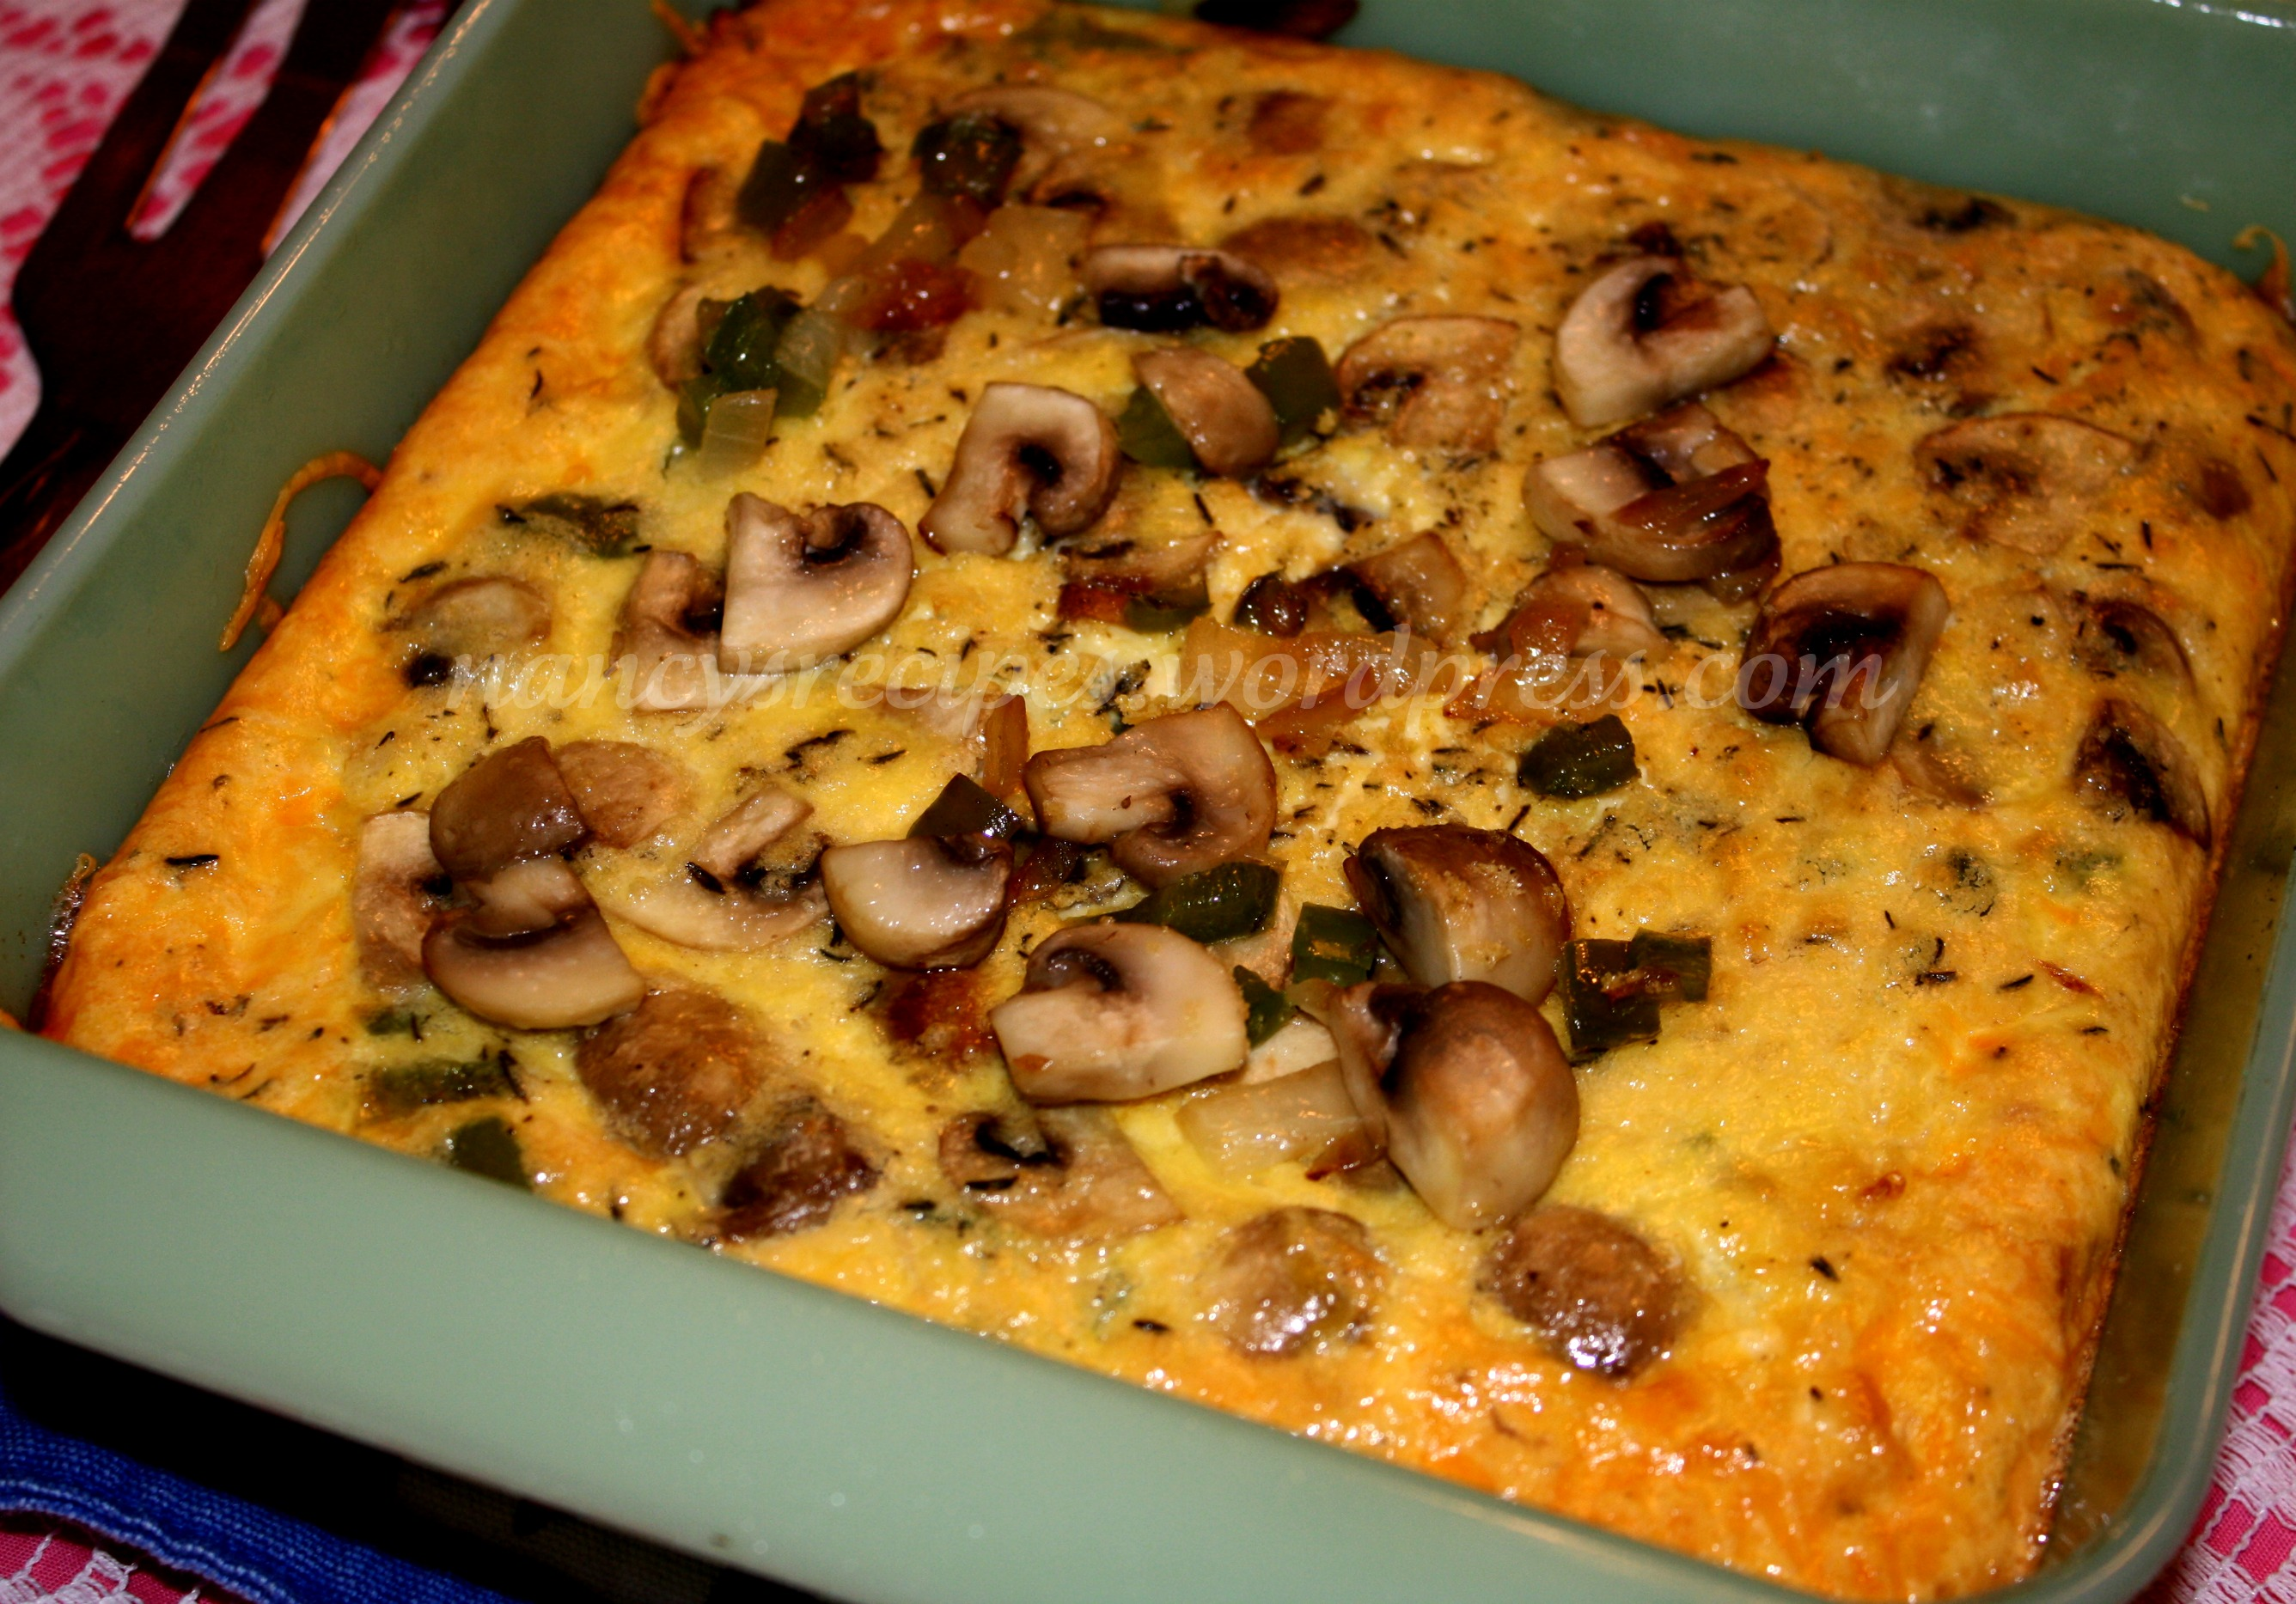 cheddar frittata real simple garlic crouton mushroom cheddar frittata ...